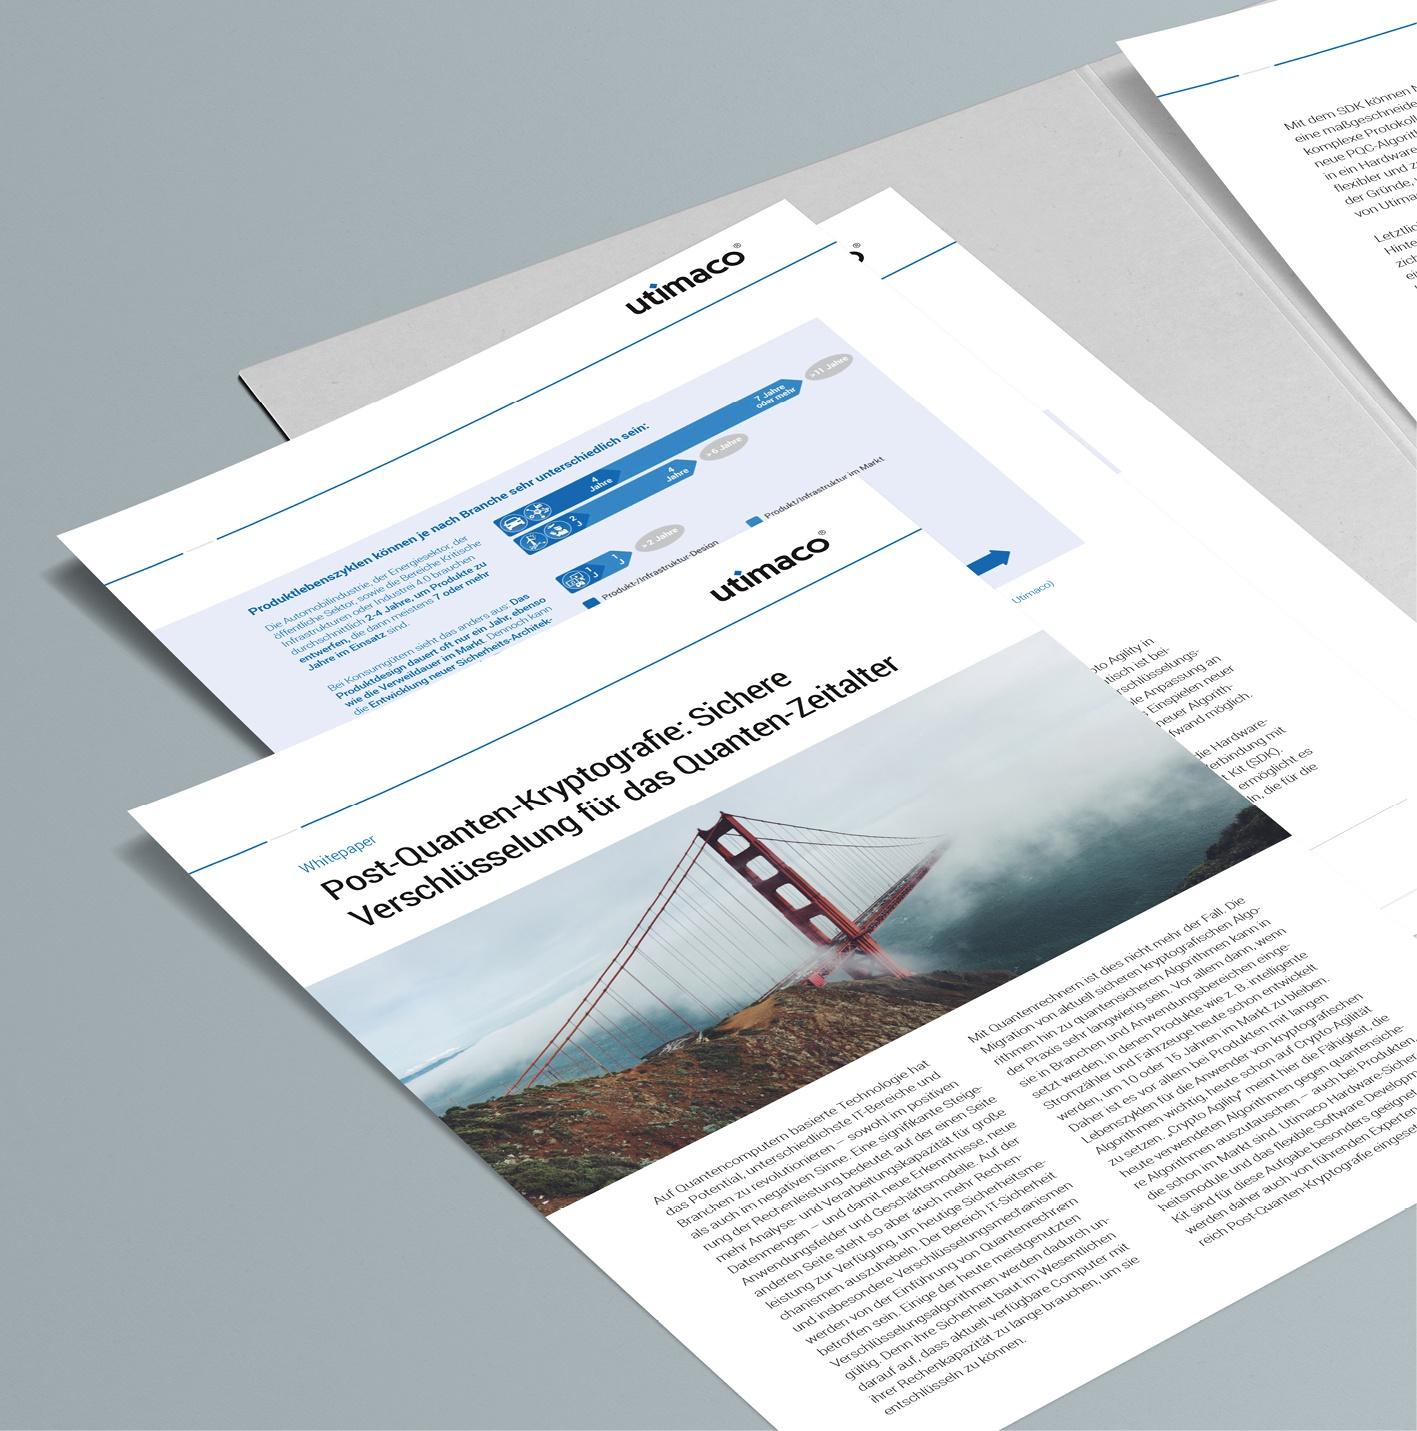 Whitepaper – Utimaco GmbH: Auftrag über Akima Media, Diverse Whitepaper – 6 bis 9-seitig in Einzelseiten, deutsch und englisch, Layoutkonzept, Umsetzung Grafikdesign, inkl. Template und Wordvorlagen